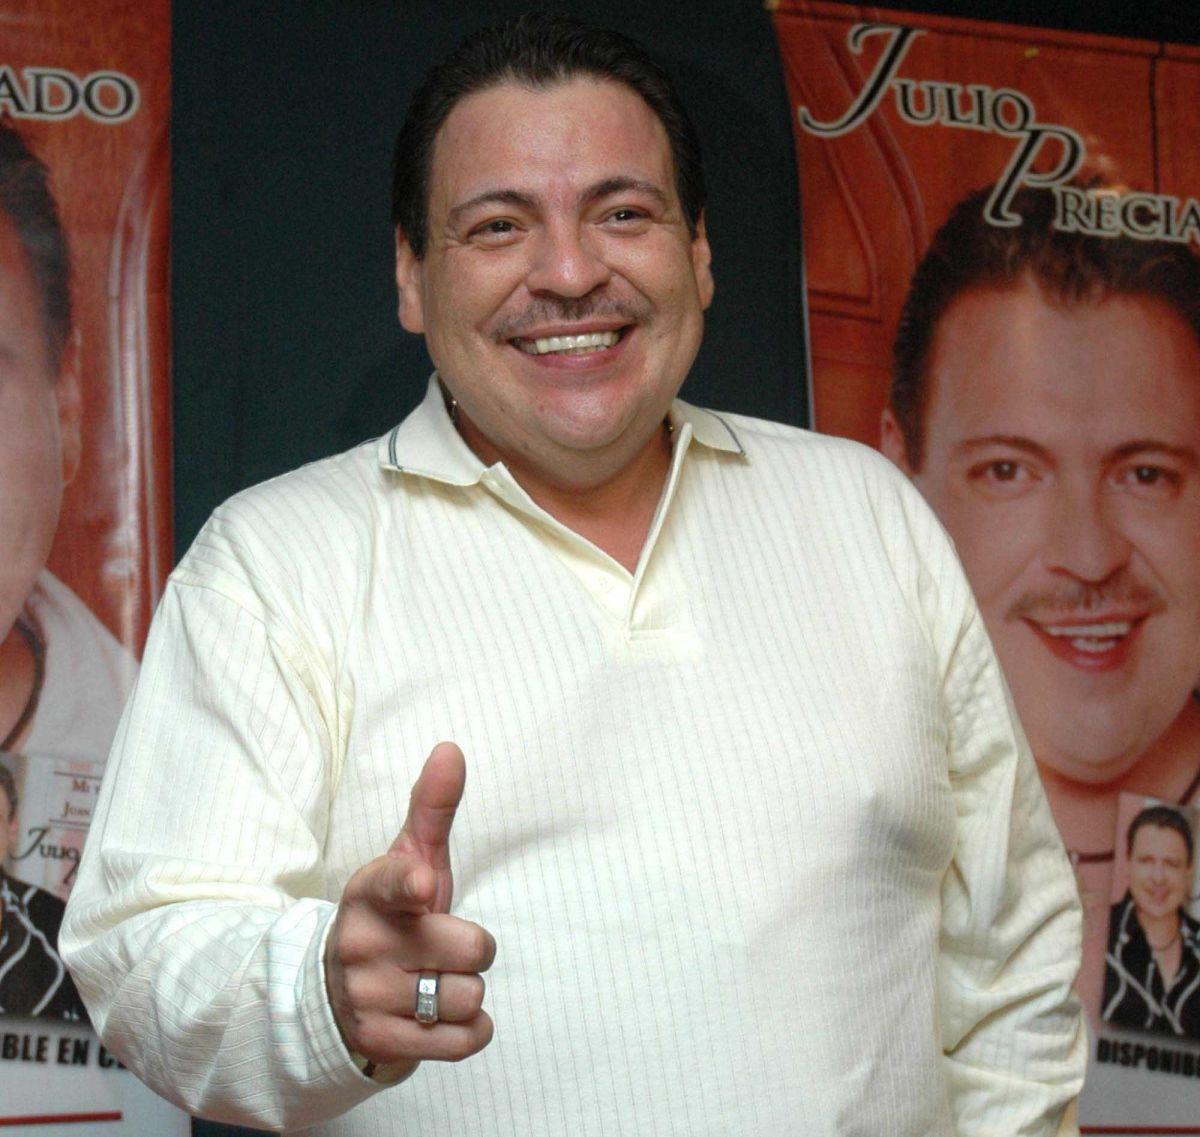 Julio Preciado.